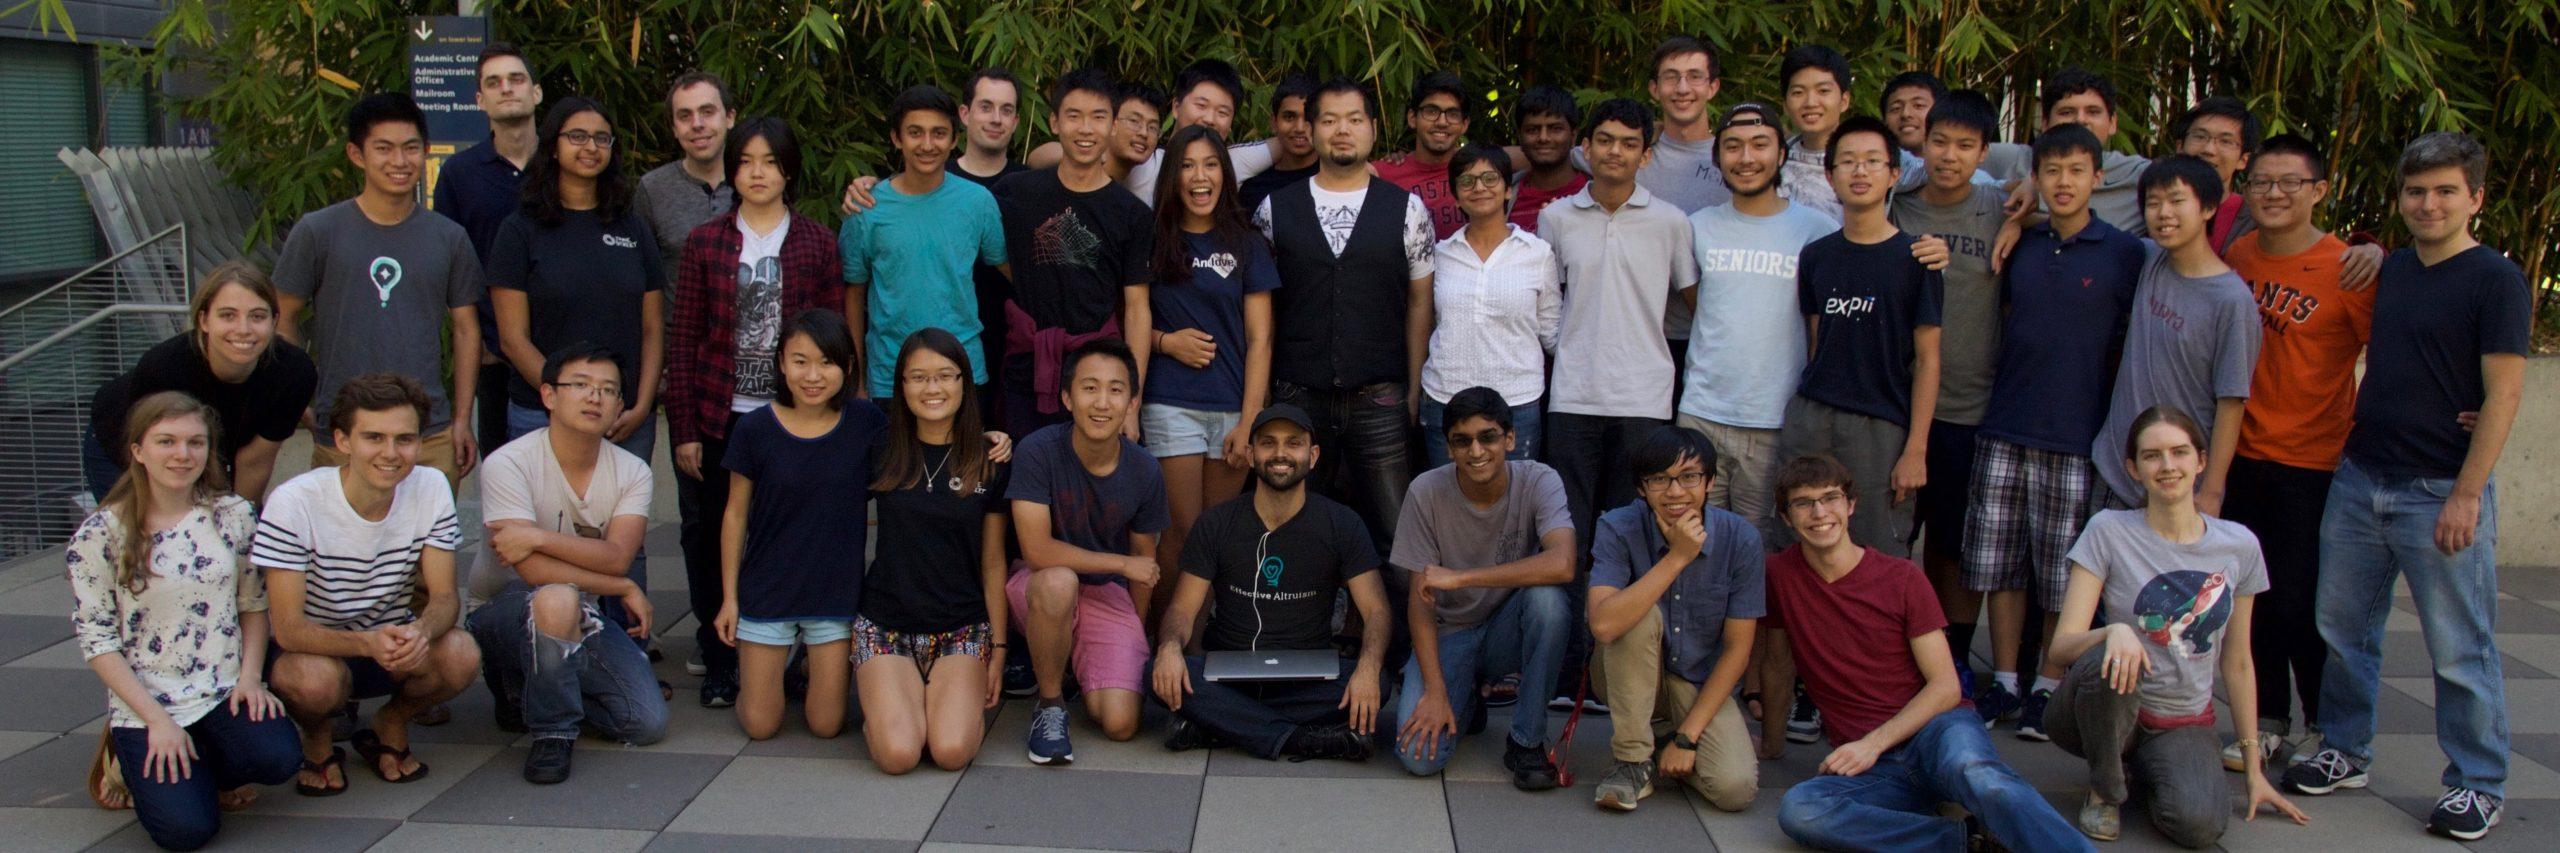 2021年美国加州州立大学夏校:Summer program on Applied Rationality and Cognition(SPARC)项目介绍